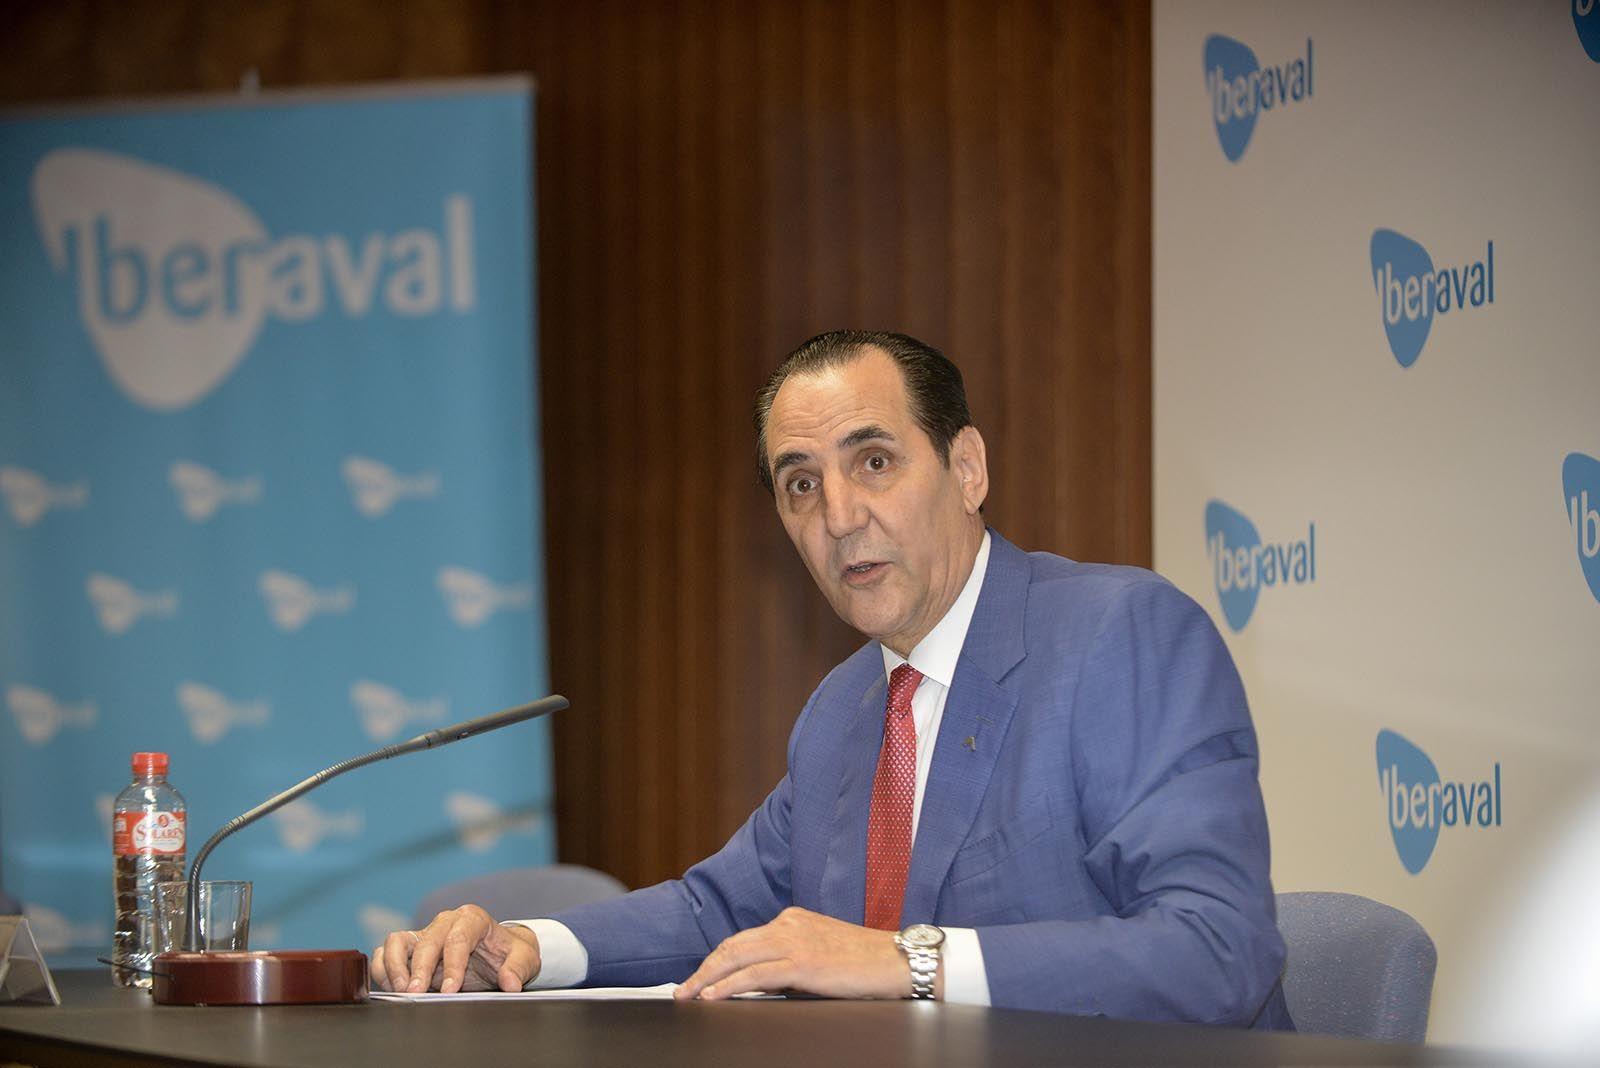 José Rolando Álvarez anuncia su salida de Iberaval